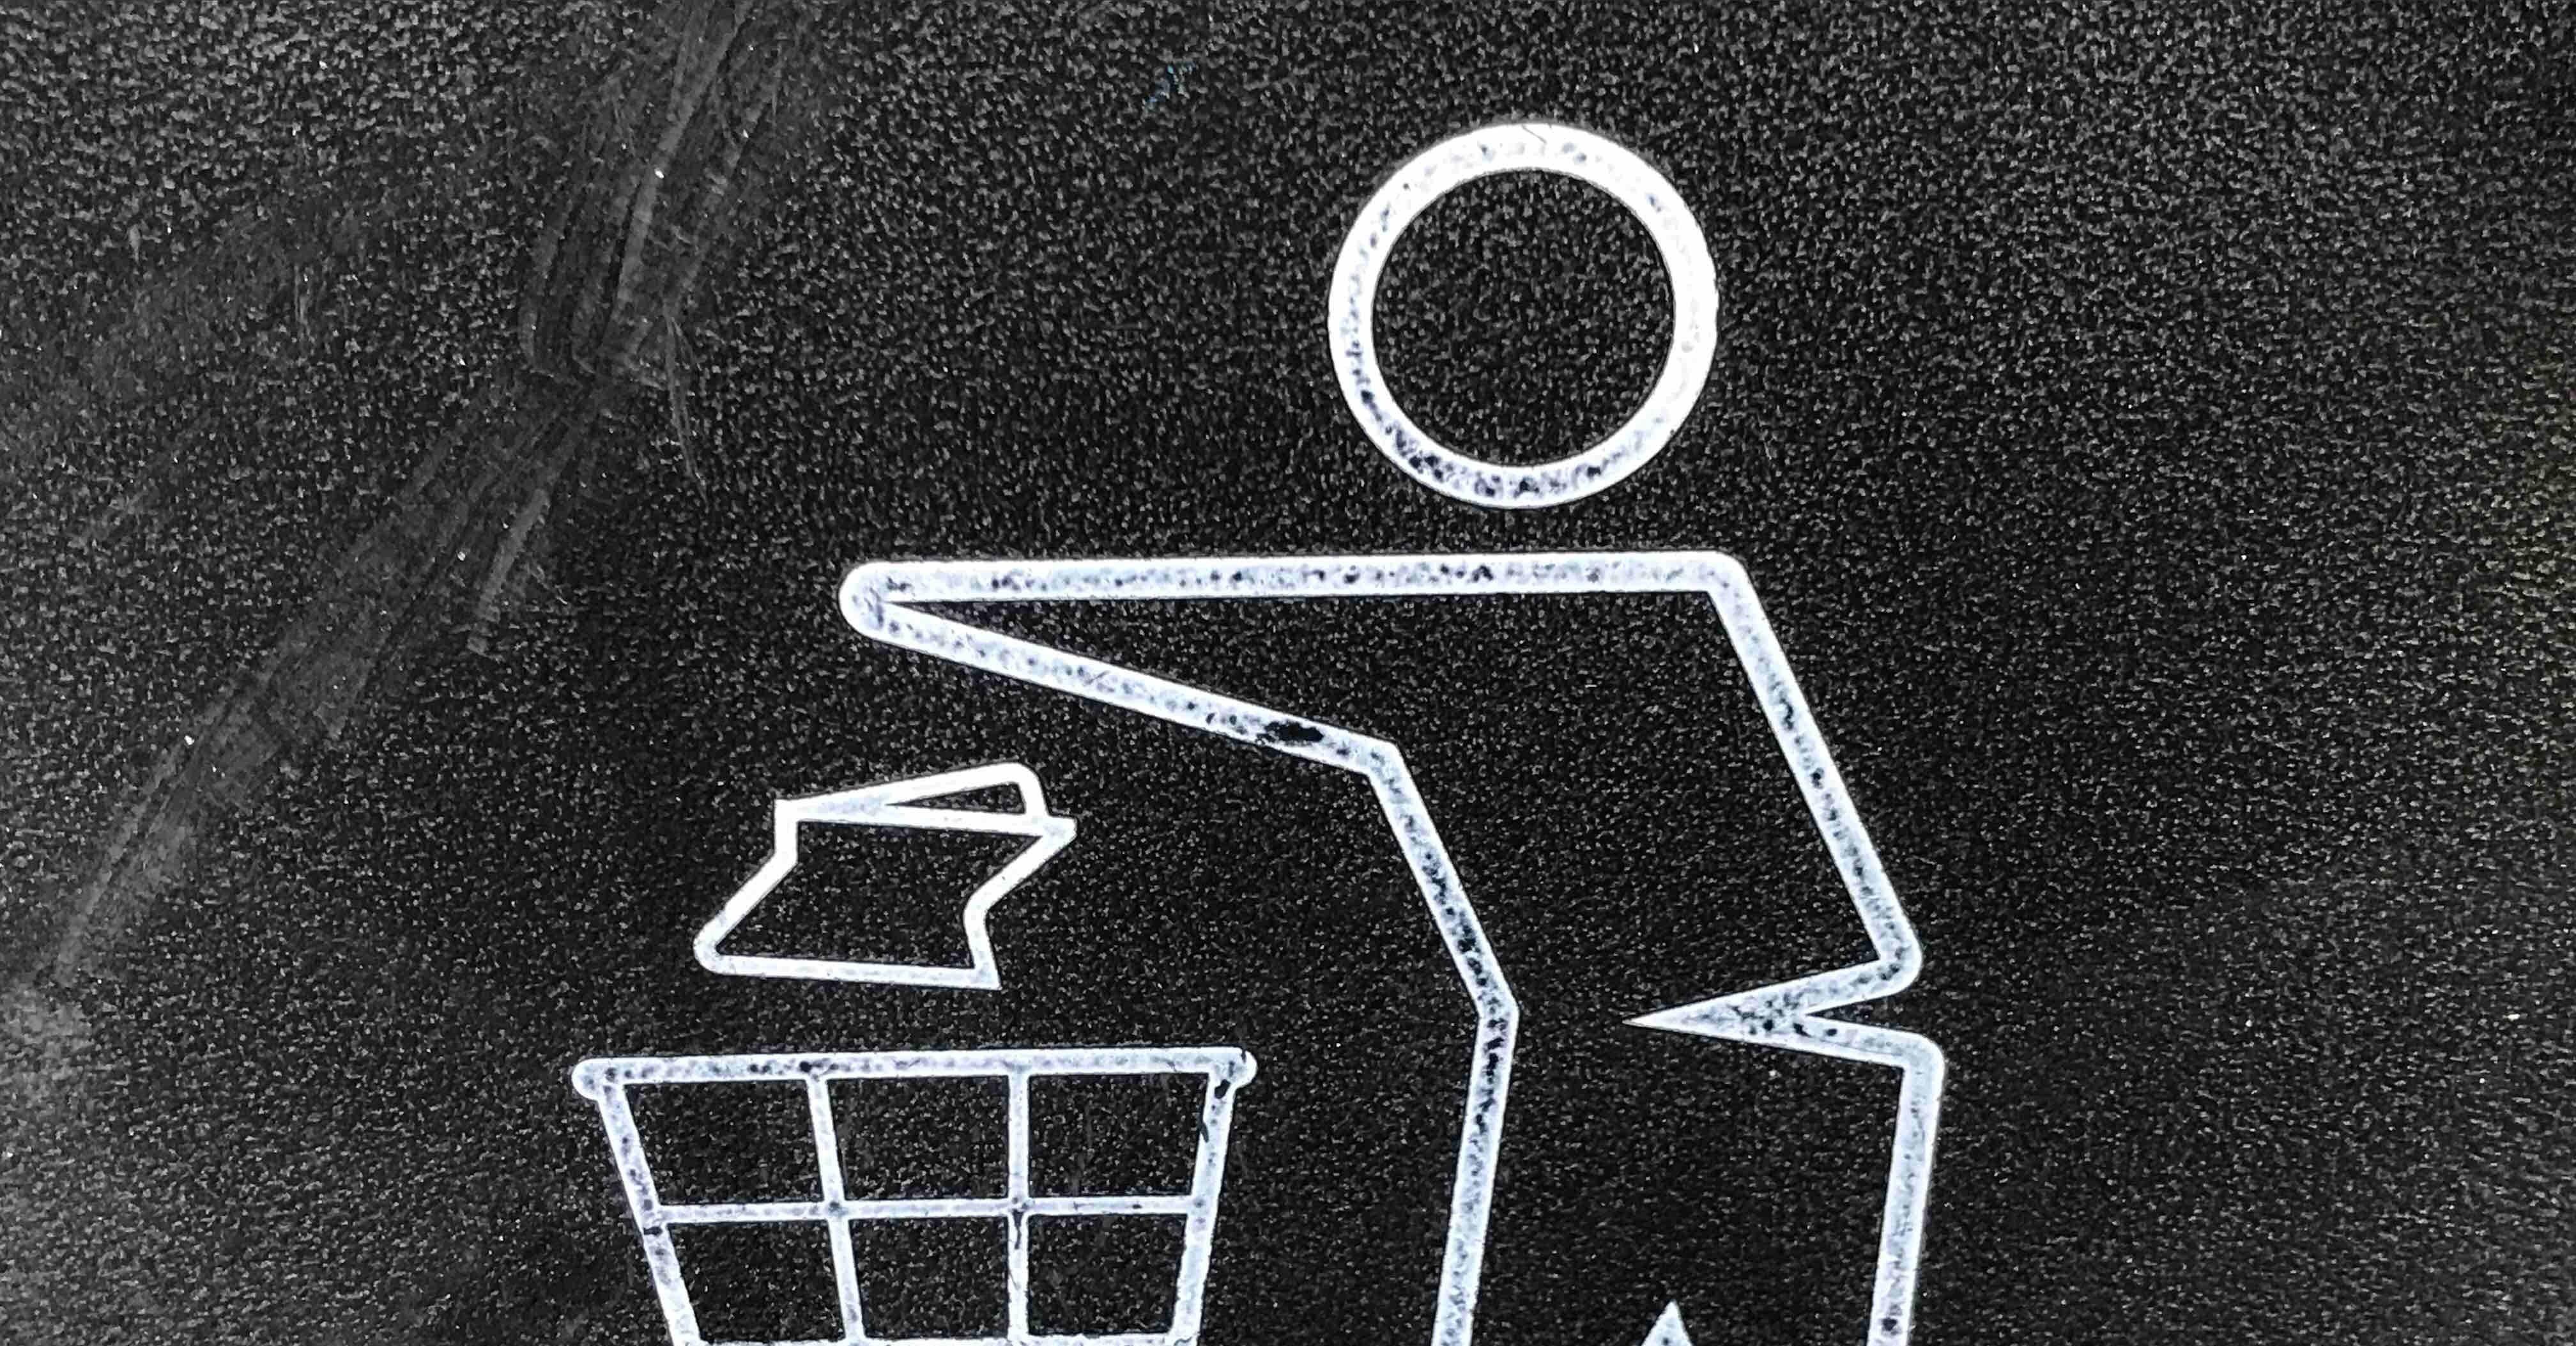 サジェストが汚染の状態・浄化の必要性